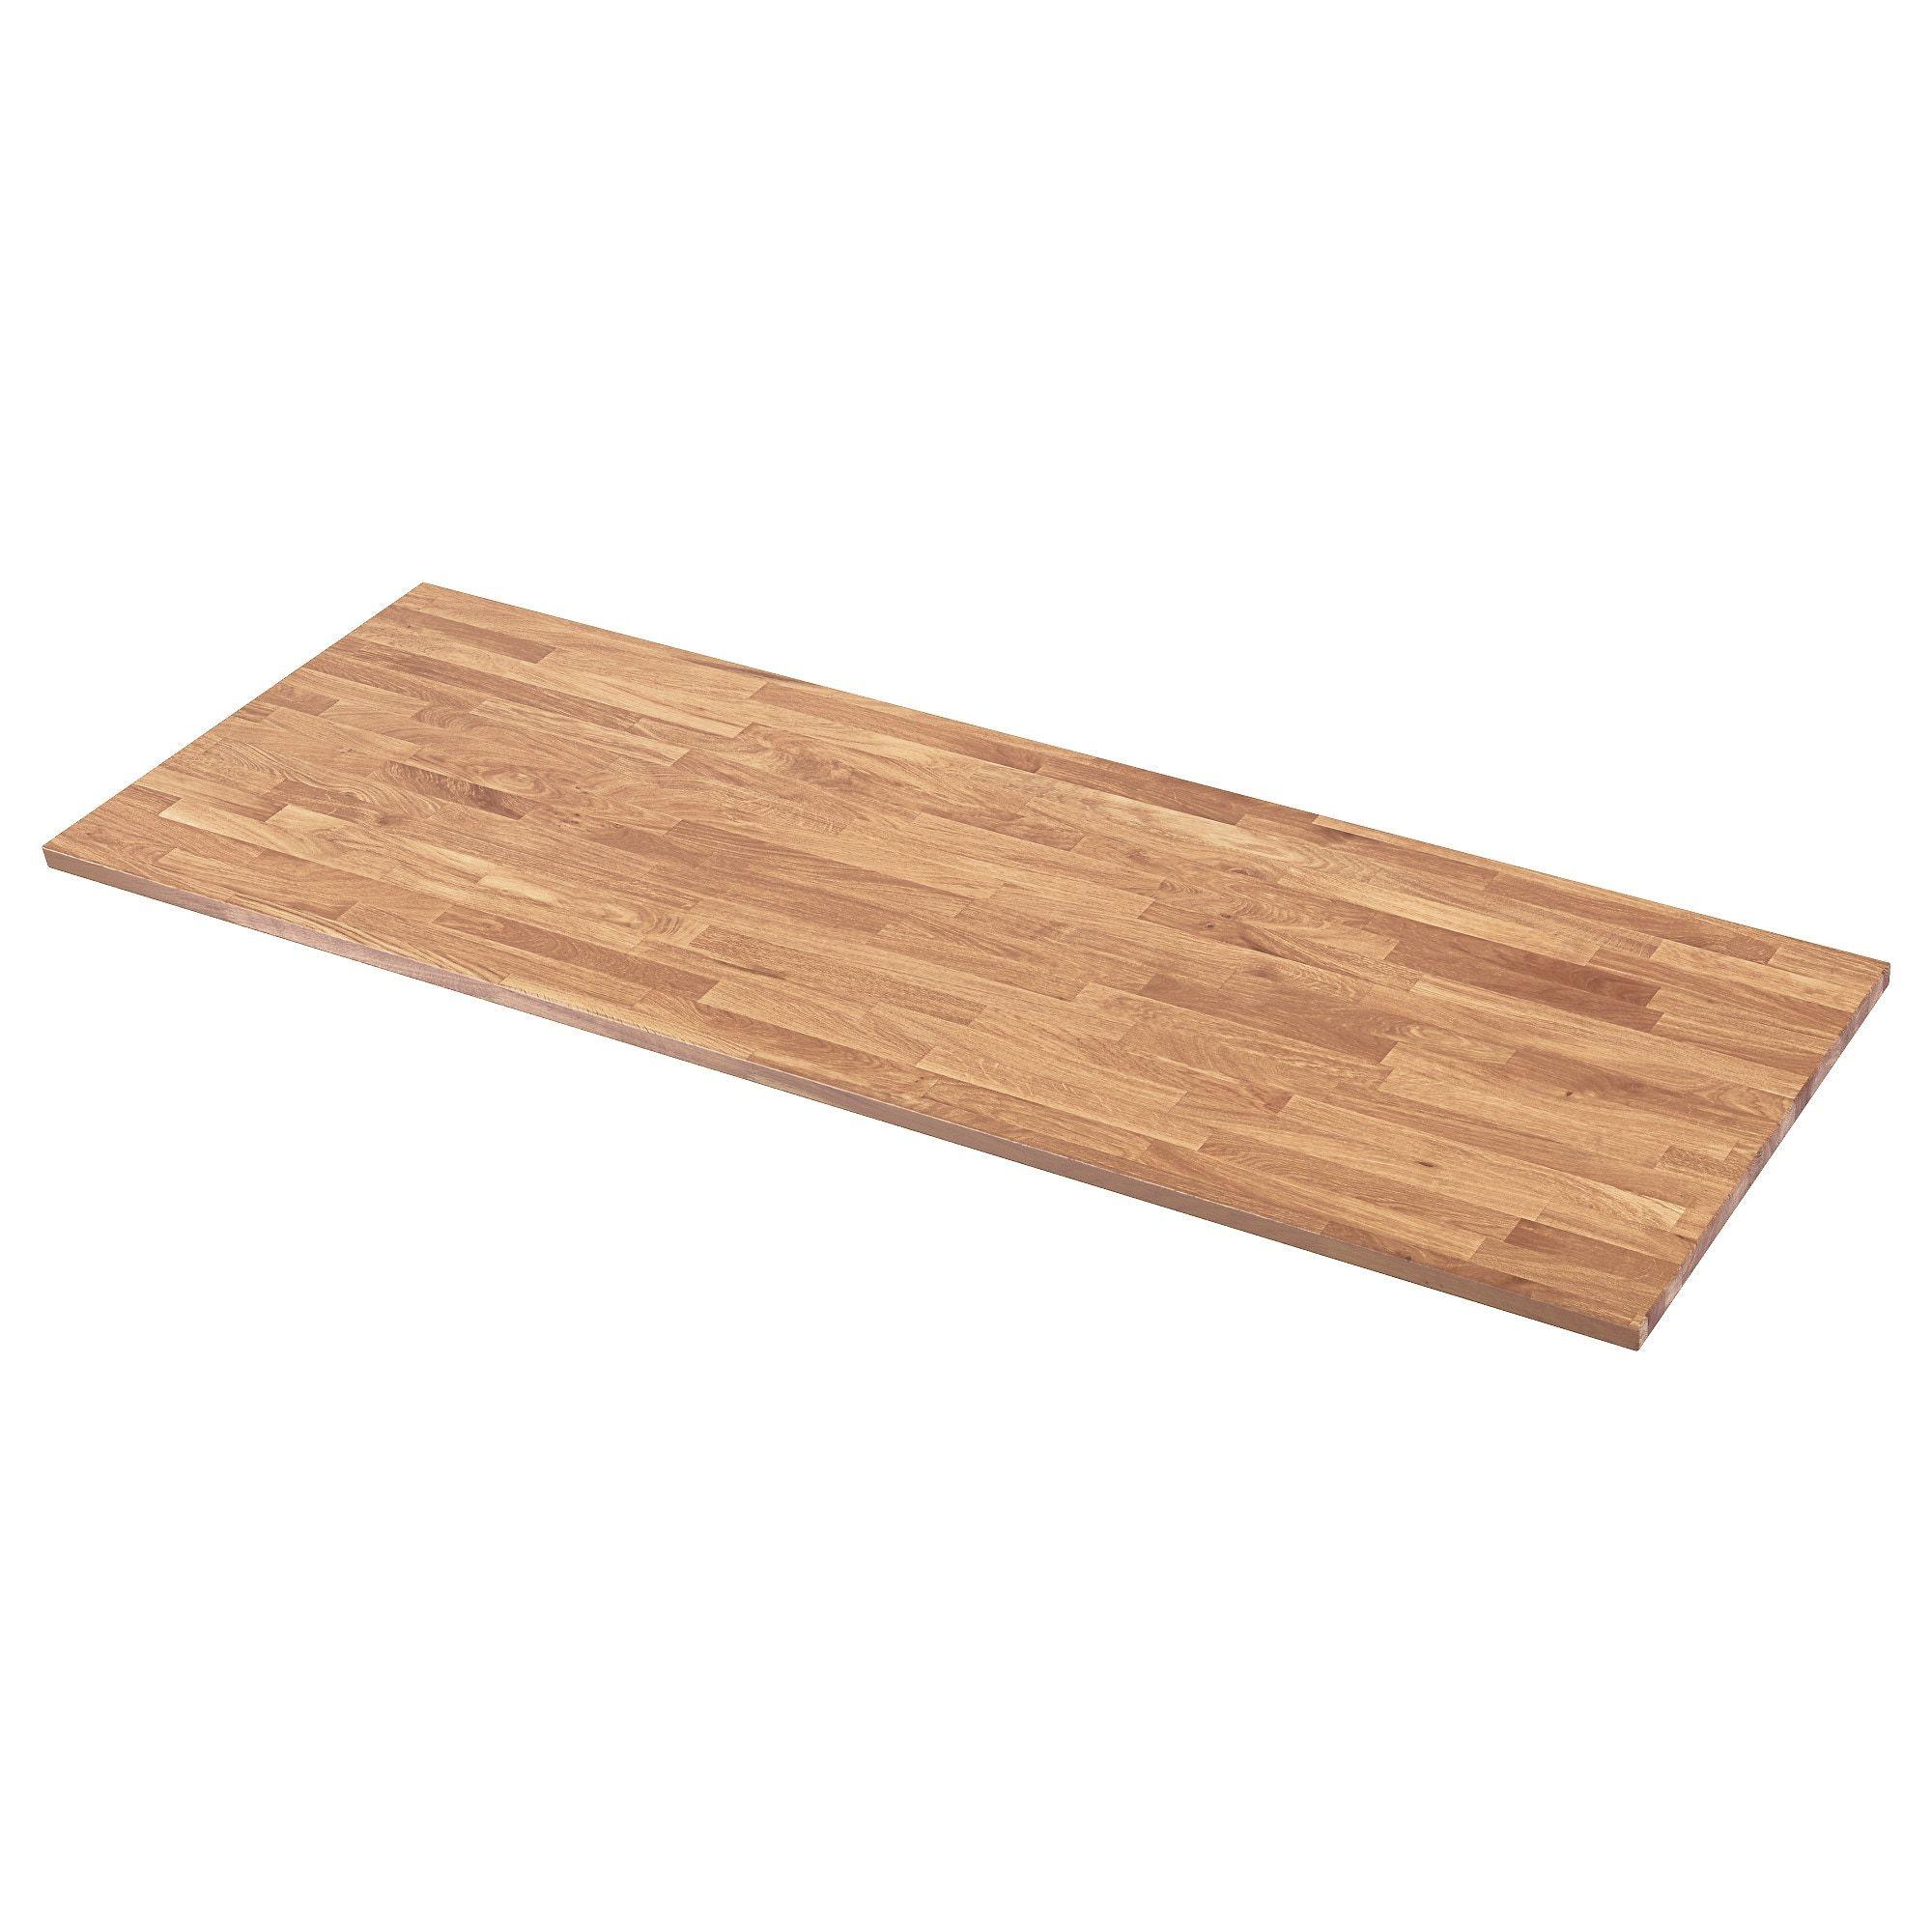 Ikea Hammarp Arbeitsplatte Eiche Massivholz Arbeitsplatten Aus Massivholz Sind Robust Und Lassen Die Kuche Warm Un Mit Bildern Arbeitsplatte Arbeitsplatte Eiche Ikea